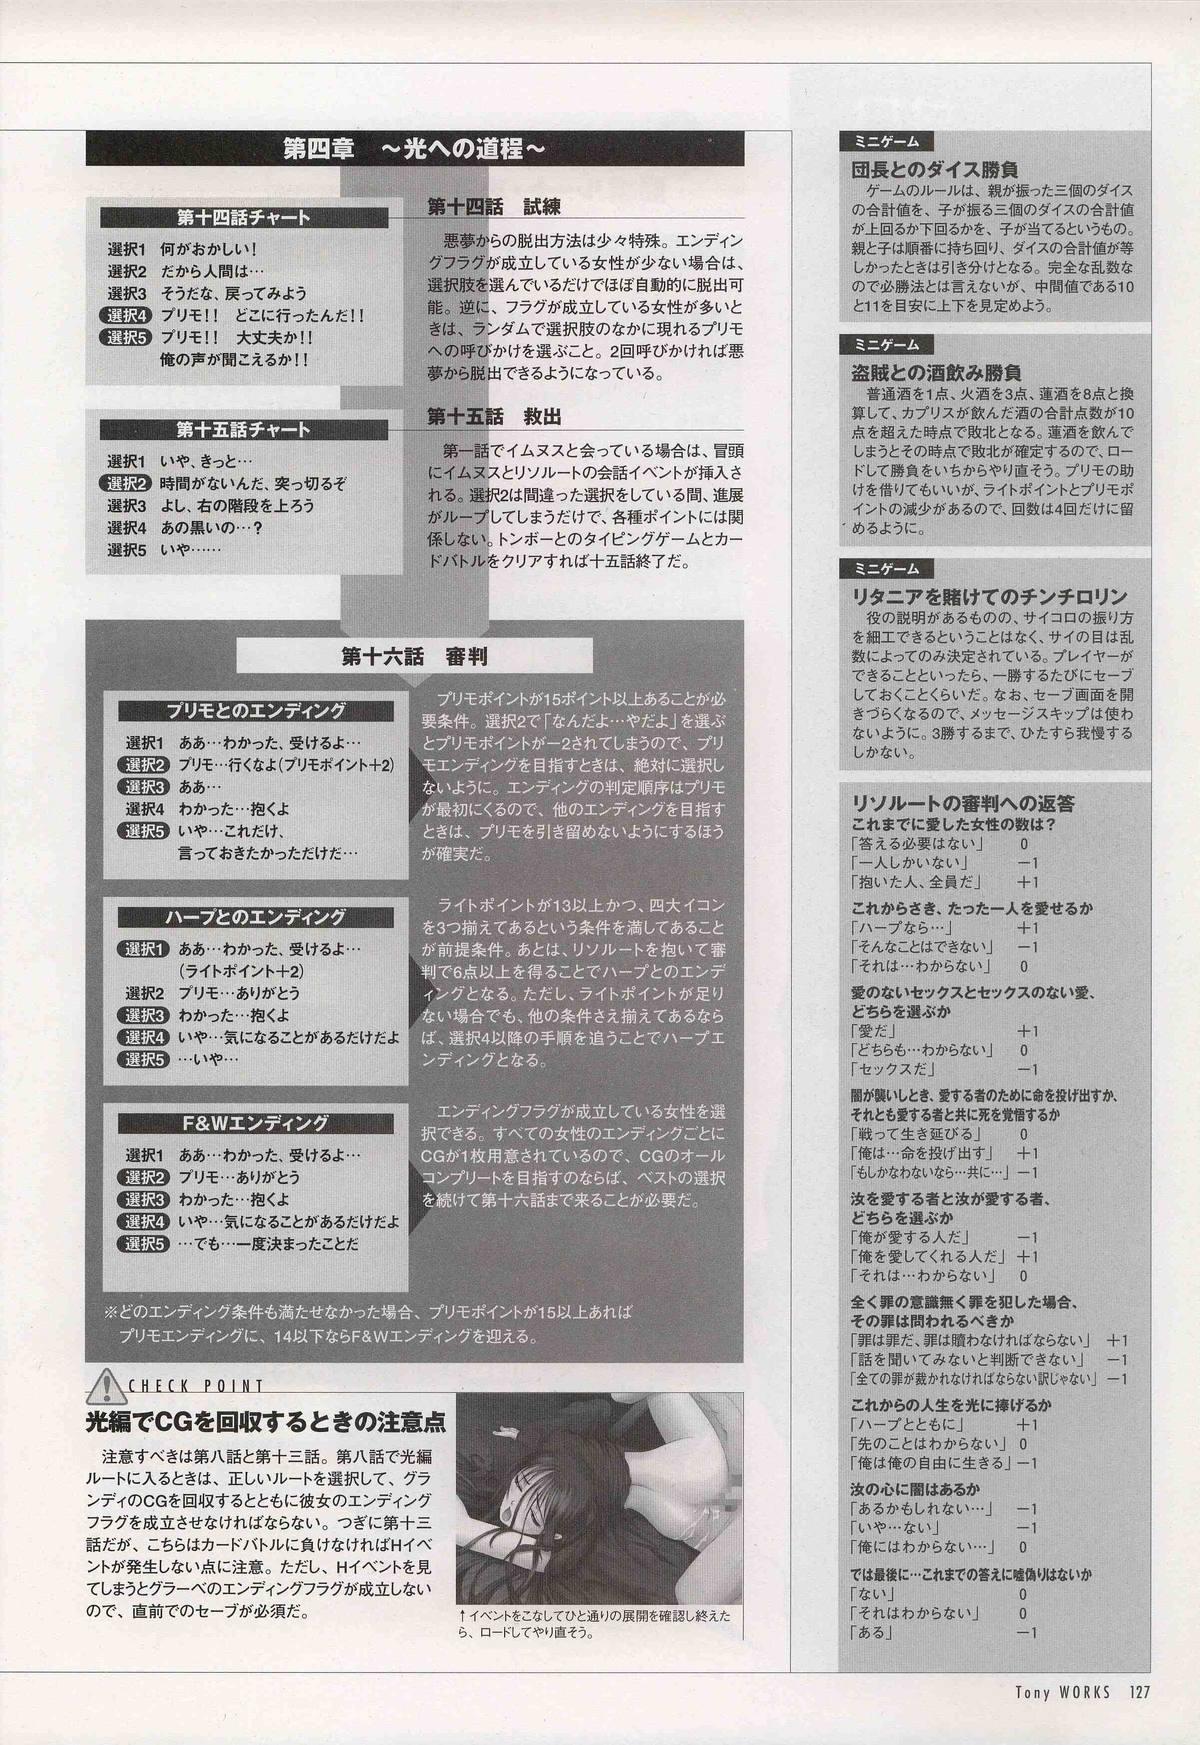 御魂~忍~×ARCANA~光と闇のエクスタシス~二作品原画 131